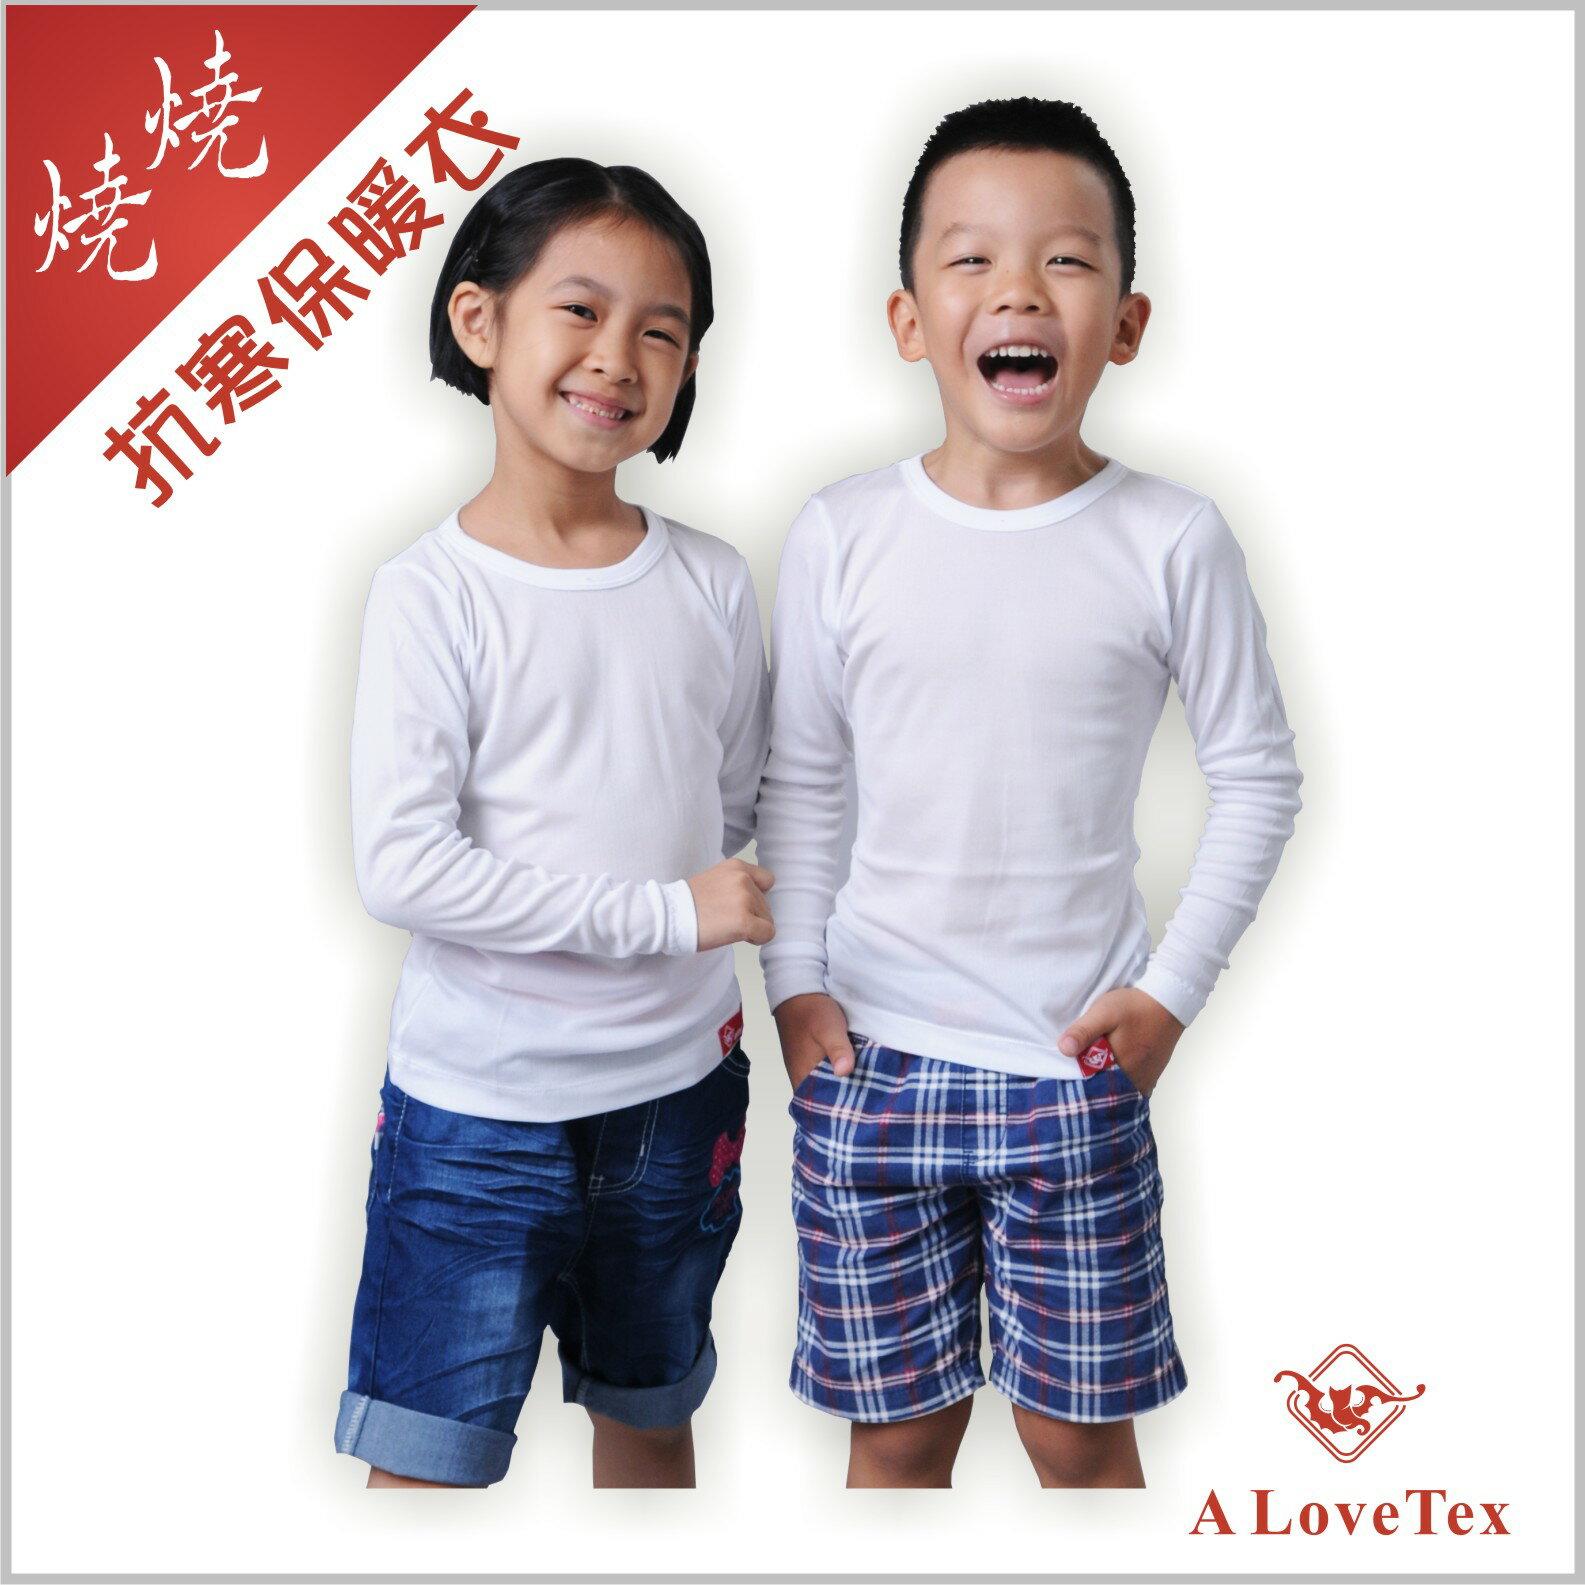 【樂福織品】兒童 – 白色圓領 – 燒燒抗寒保暖衣 – 輕、薄、暖 – 給您的孩子,溫暖零負擔的冬天! 0